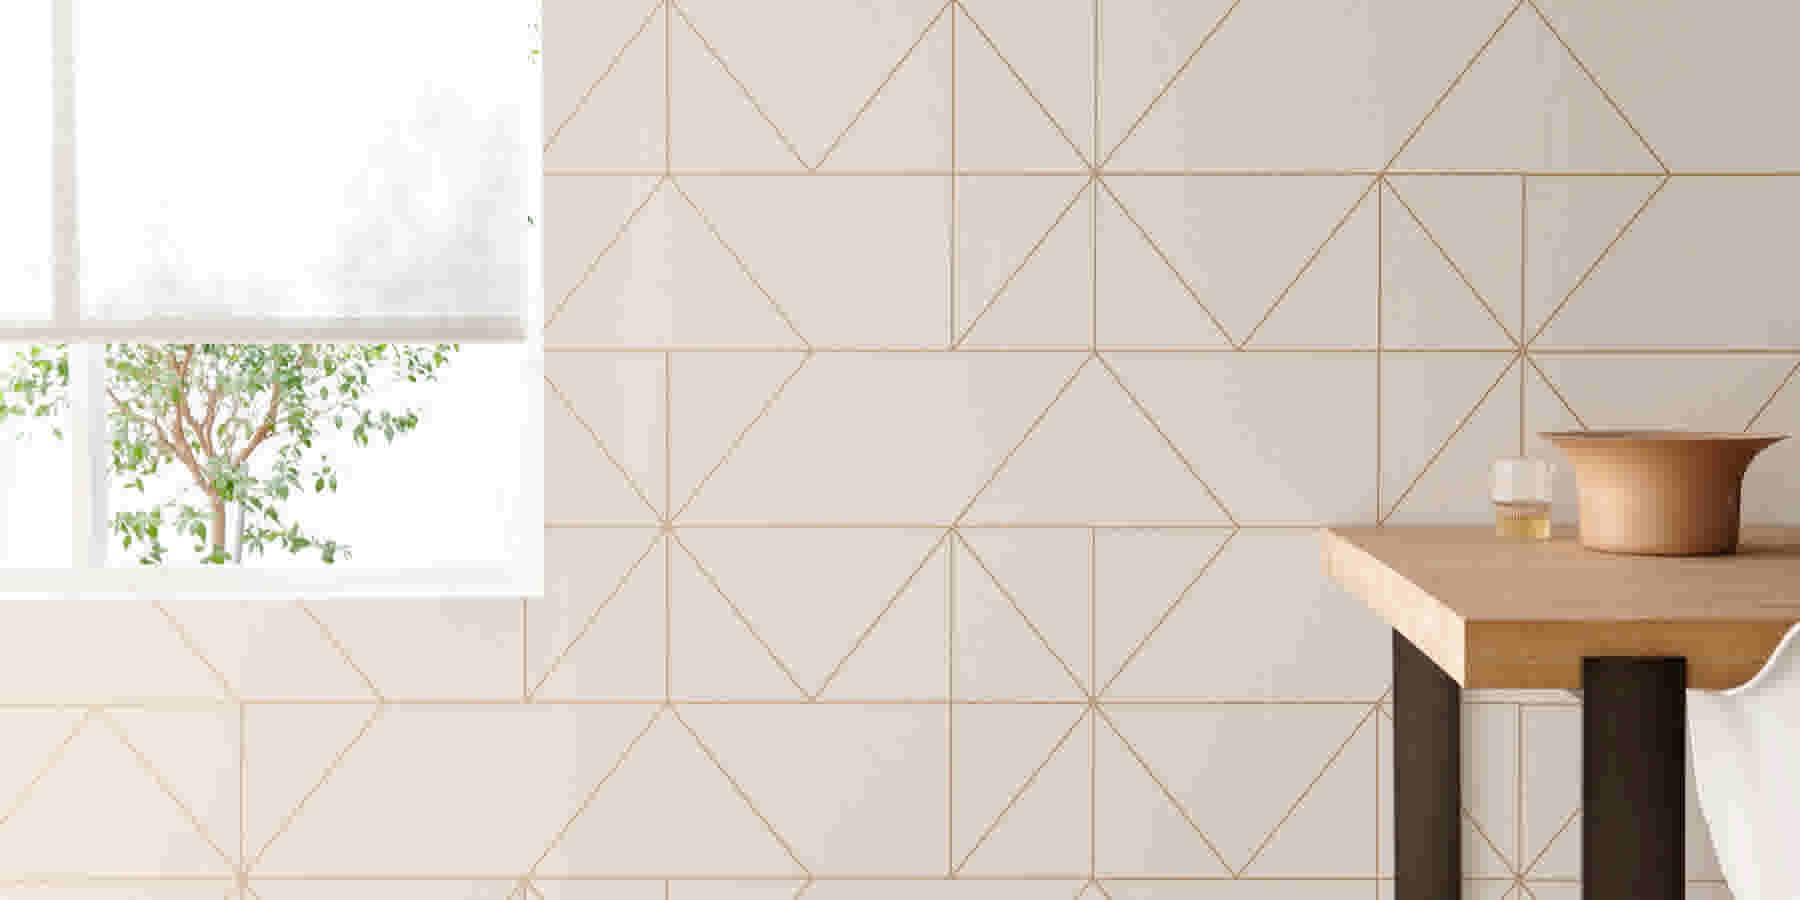 Hoe Behang Ik.Geometrisch Behang Op Je Muur Doen 6x Inspiratie